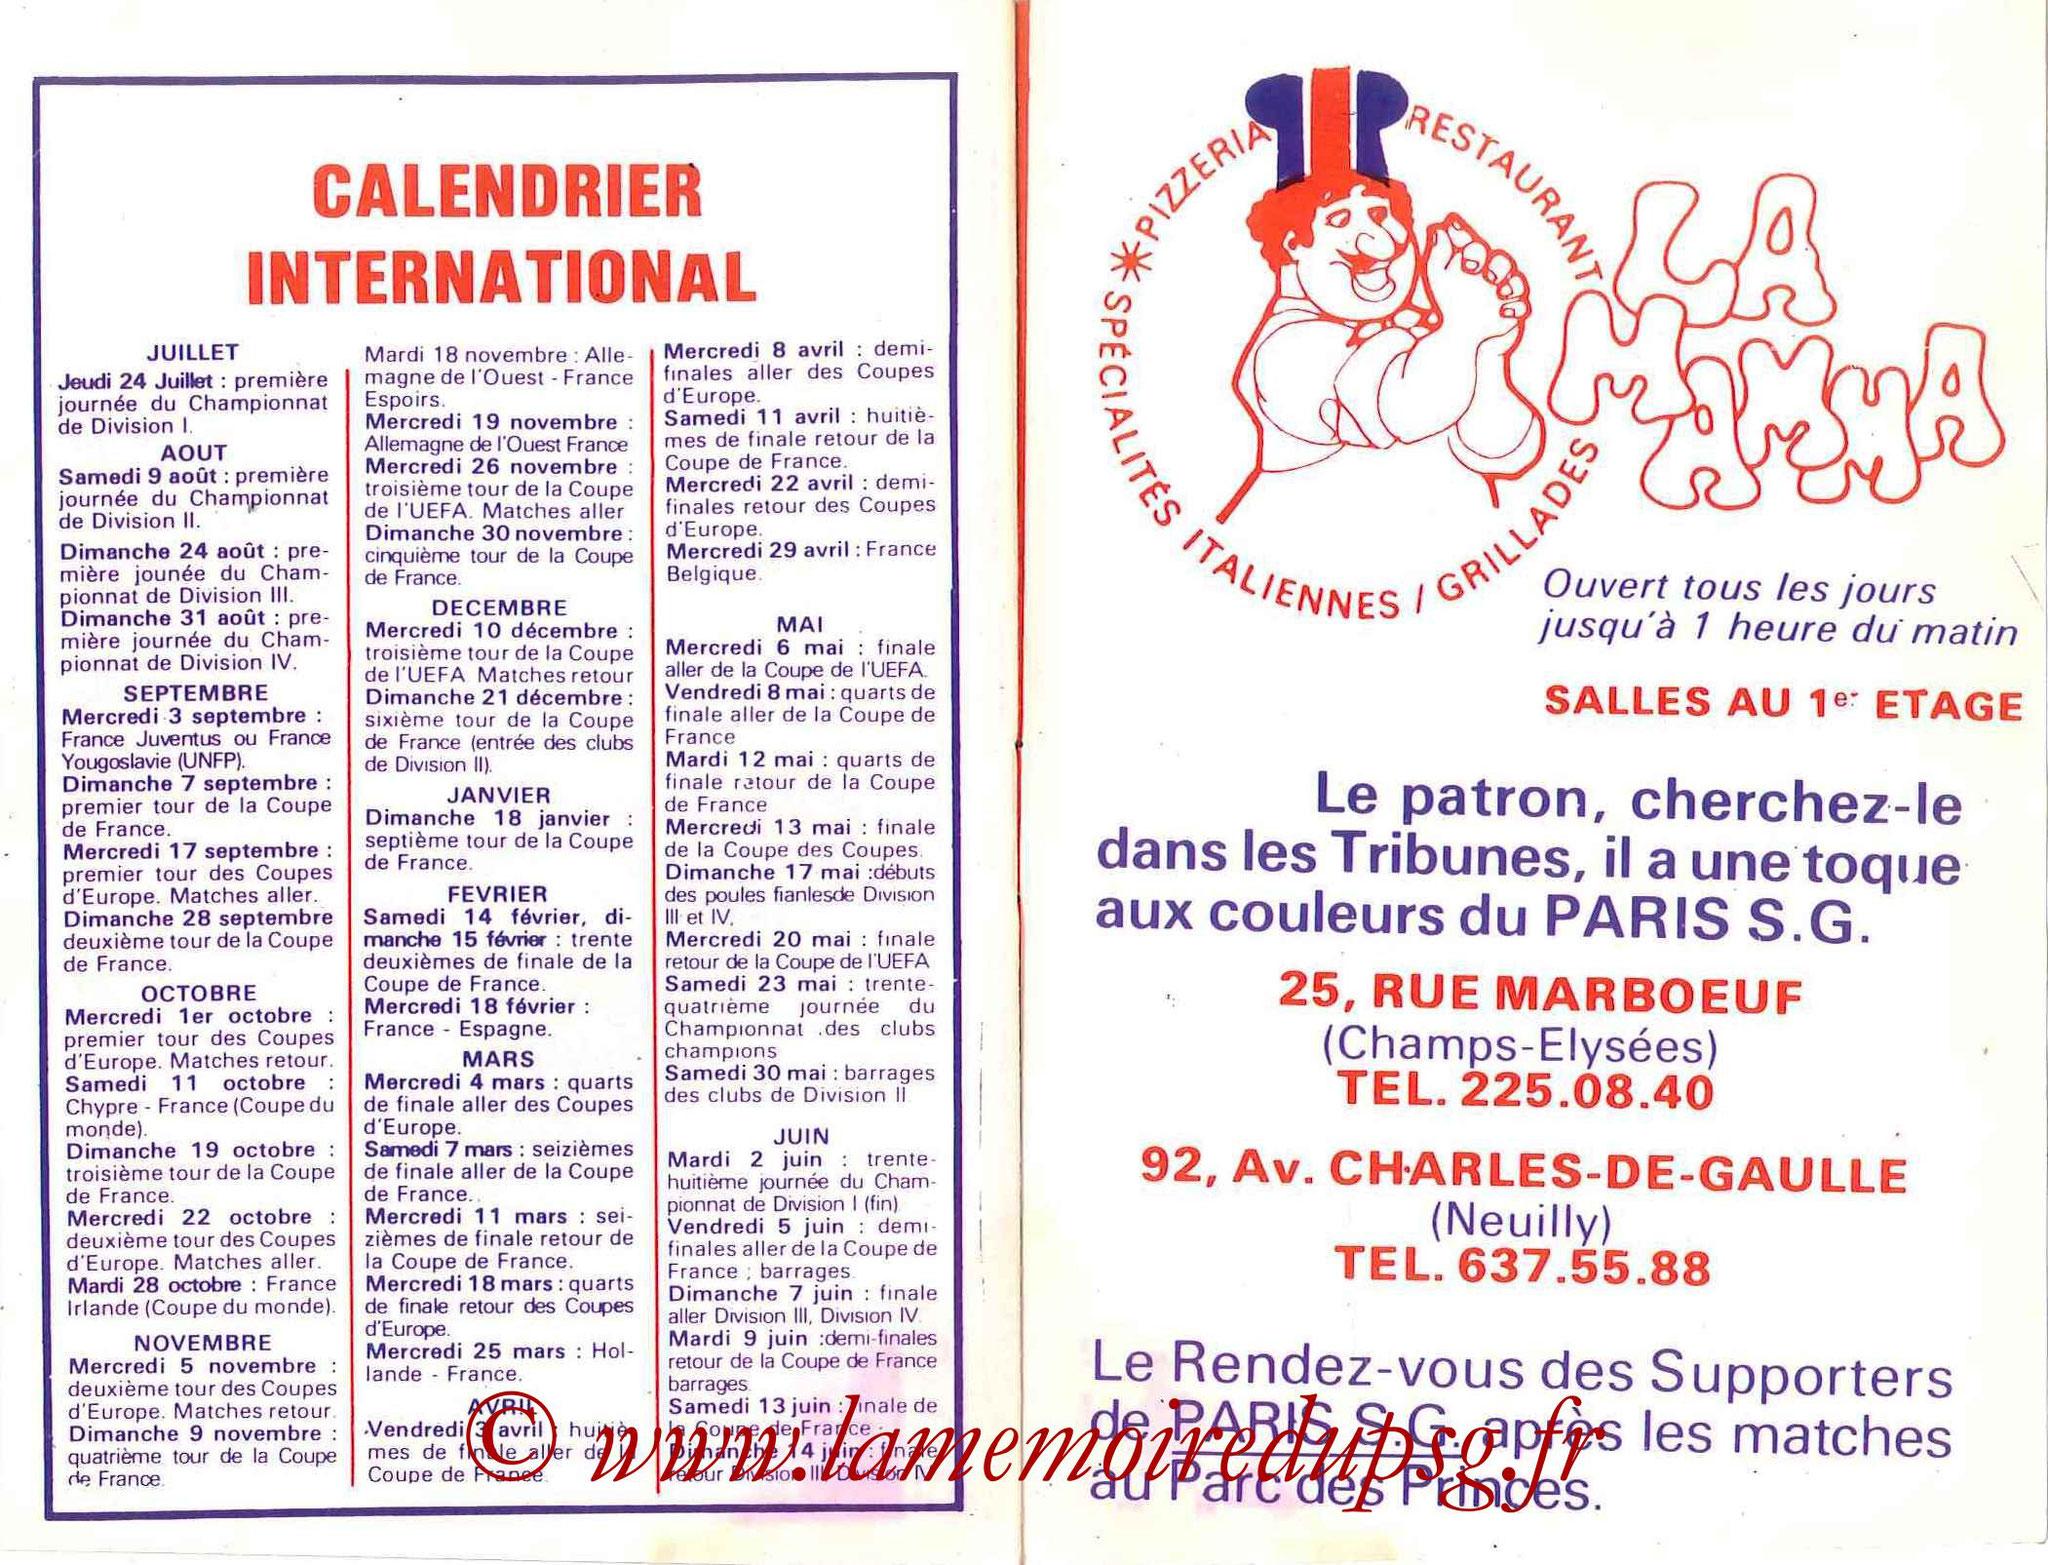 1980-81 - Guide de la Saison PSG - Pages 14 et 15